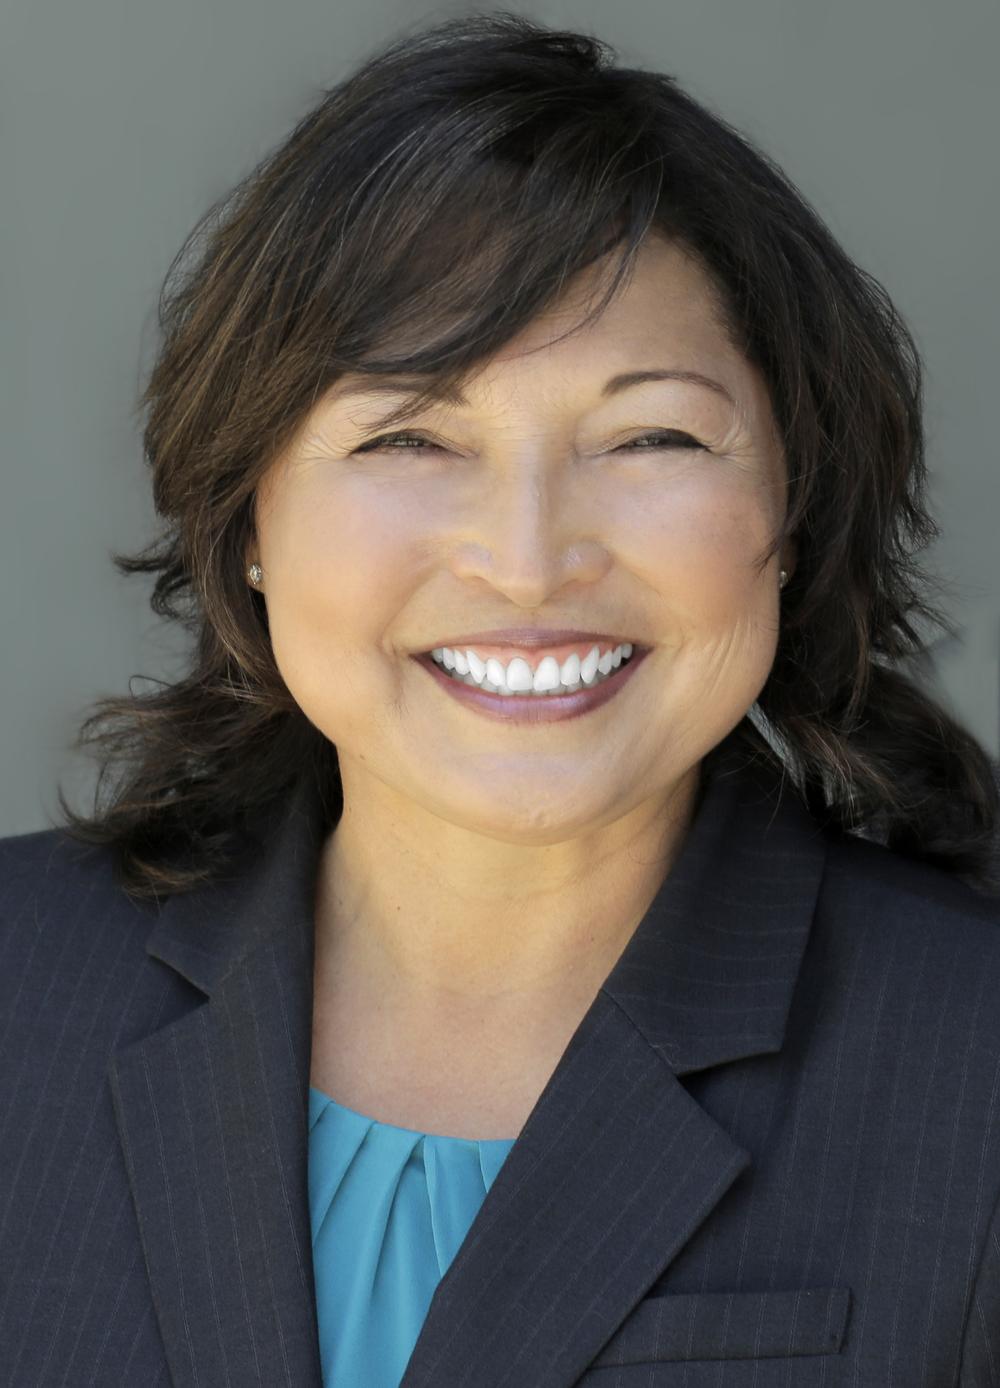 Hattie Ramirez